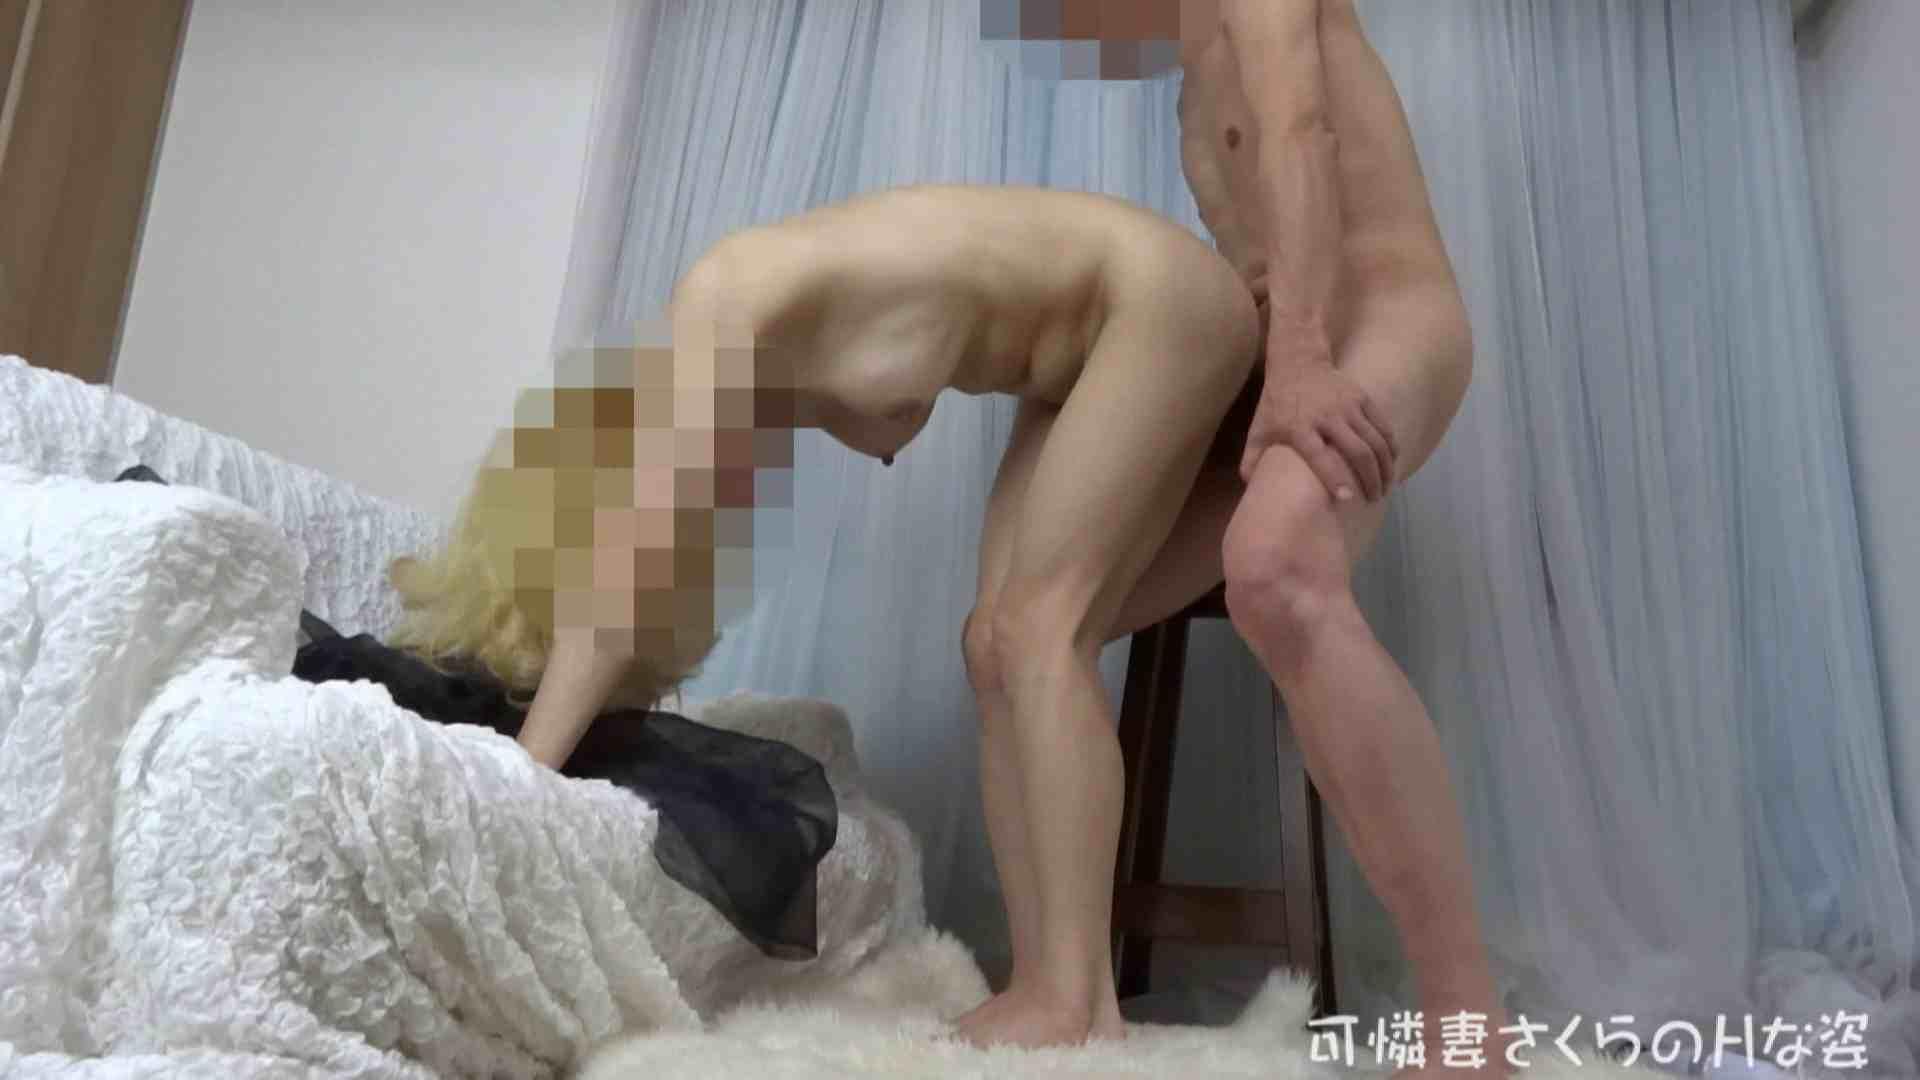 可憐妻さくらのHな姿vol.29 セックス セックス画像 106pic 97